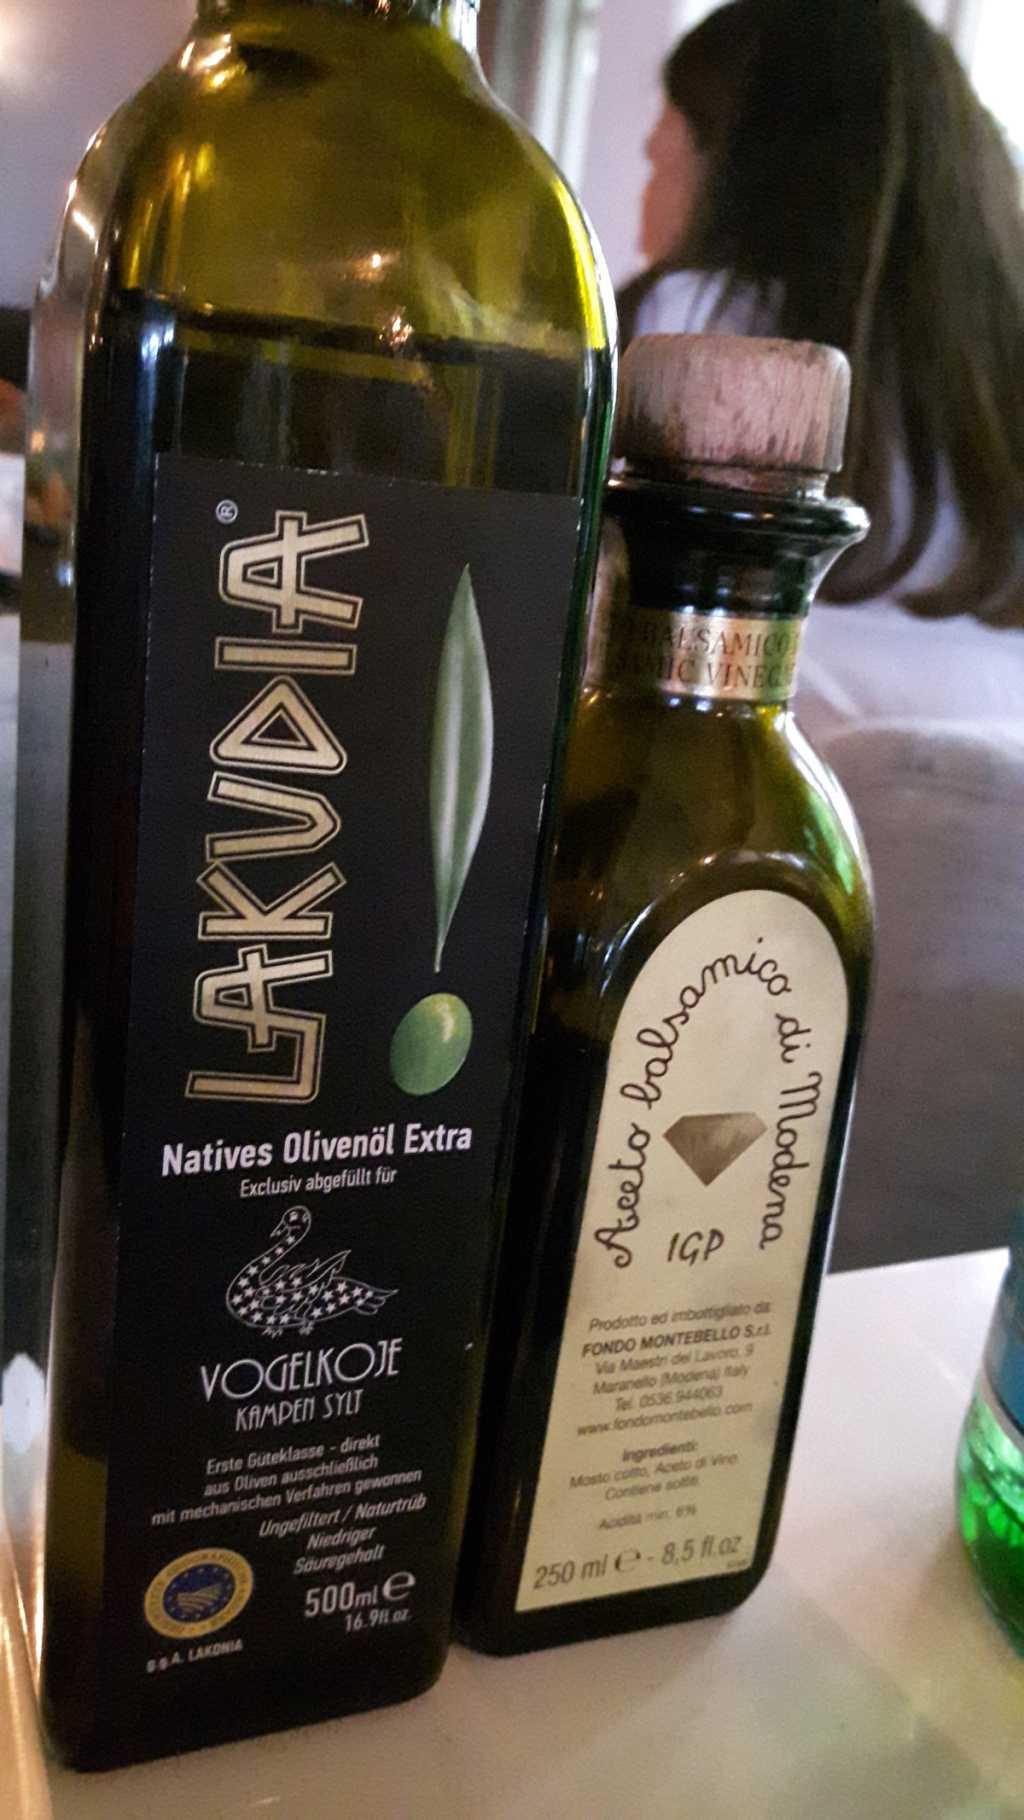 Öl und Balsamico